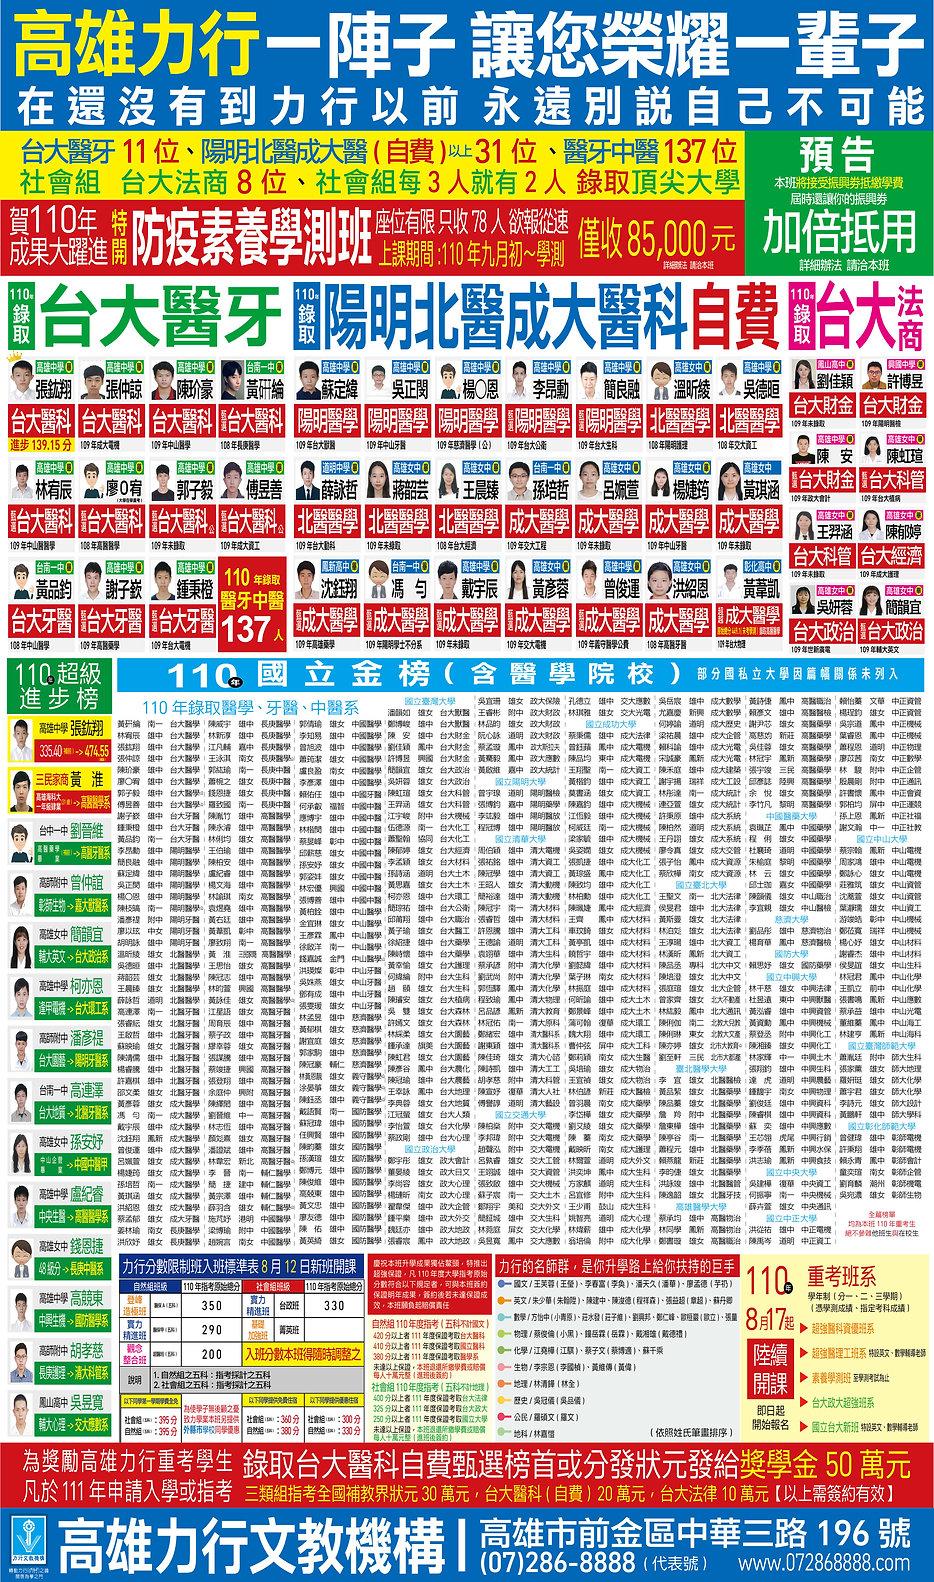 210831聯合報力行報紙(校系榜).jpg